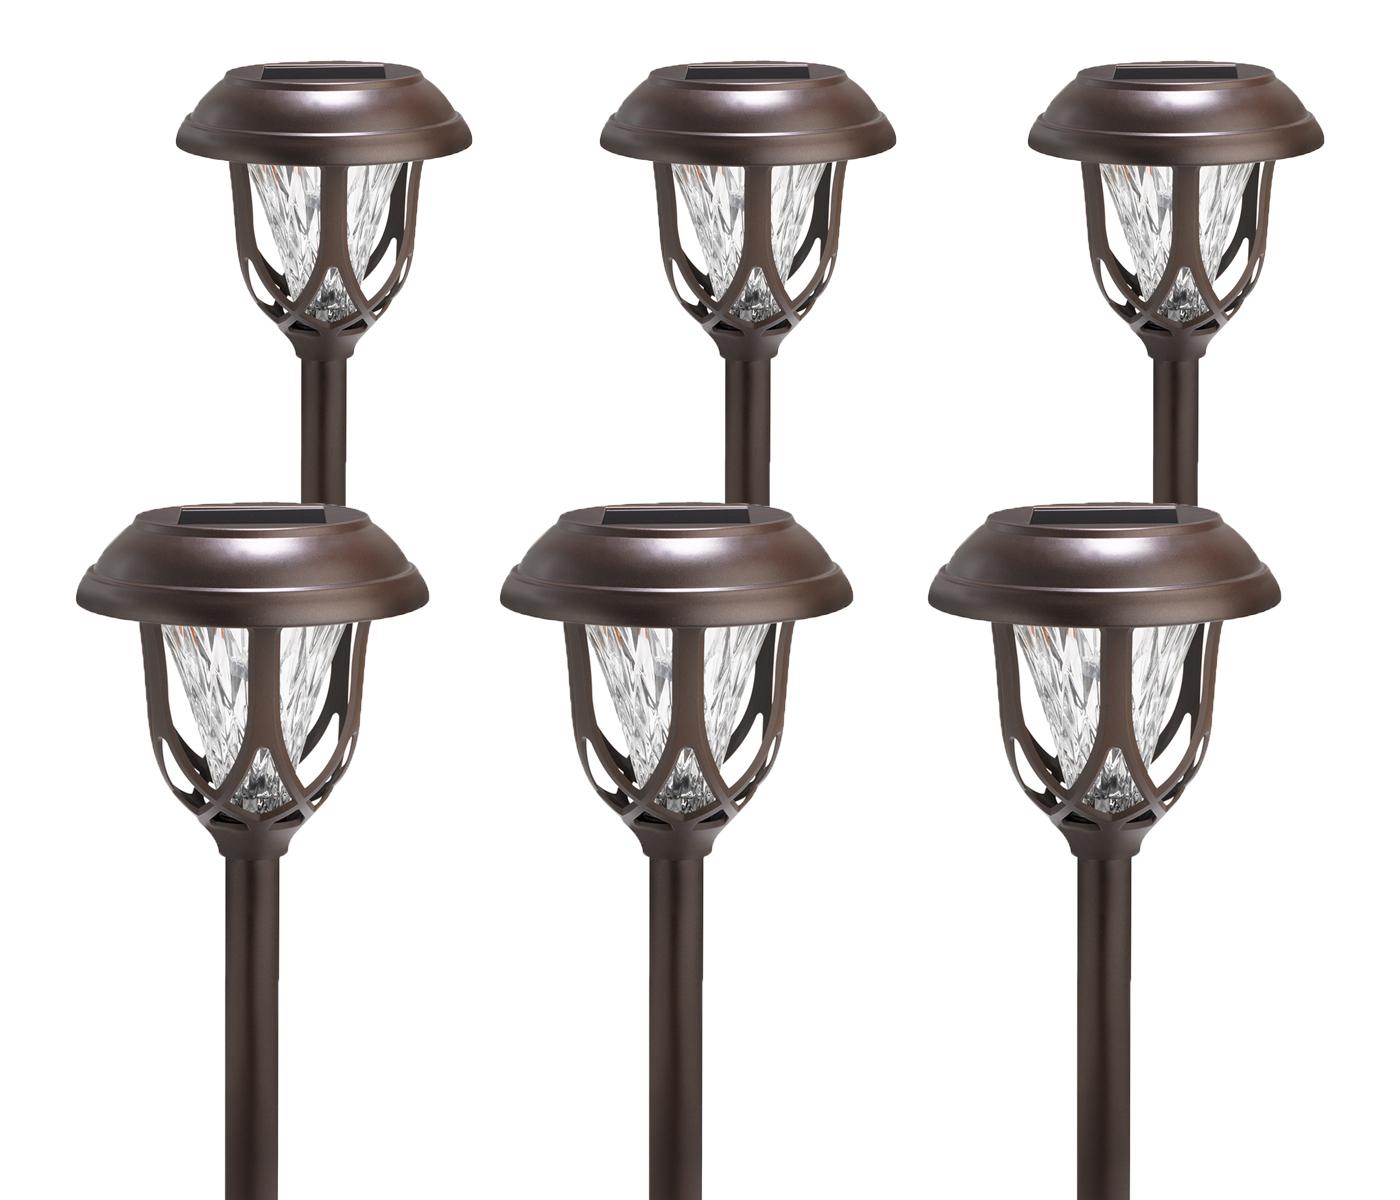 6 pack westinghouse solar powered brown color changing outdoor garden sake light ebay. Black Bedroom Furniture Sets. Home Design Ideas